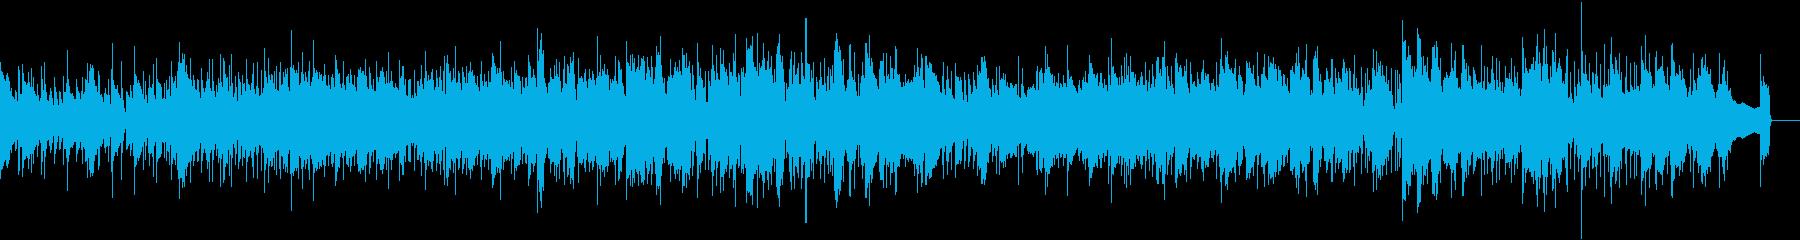 フレンチジャズの再生済みの波形